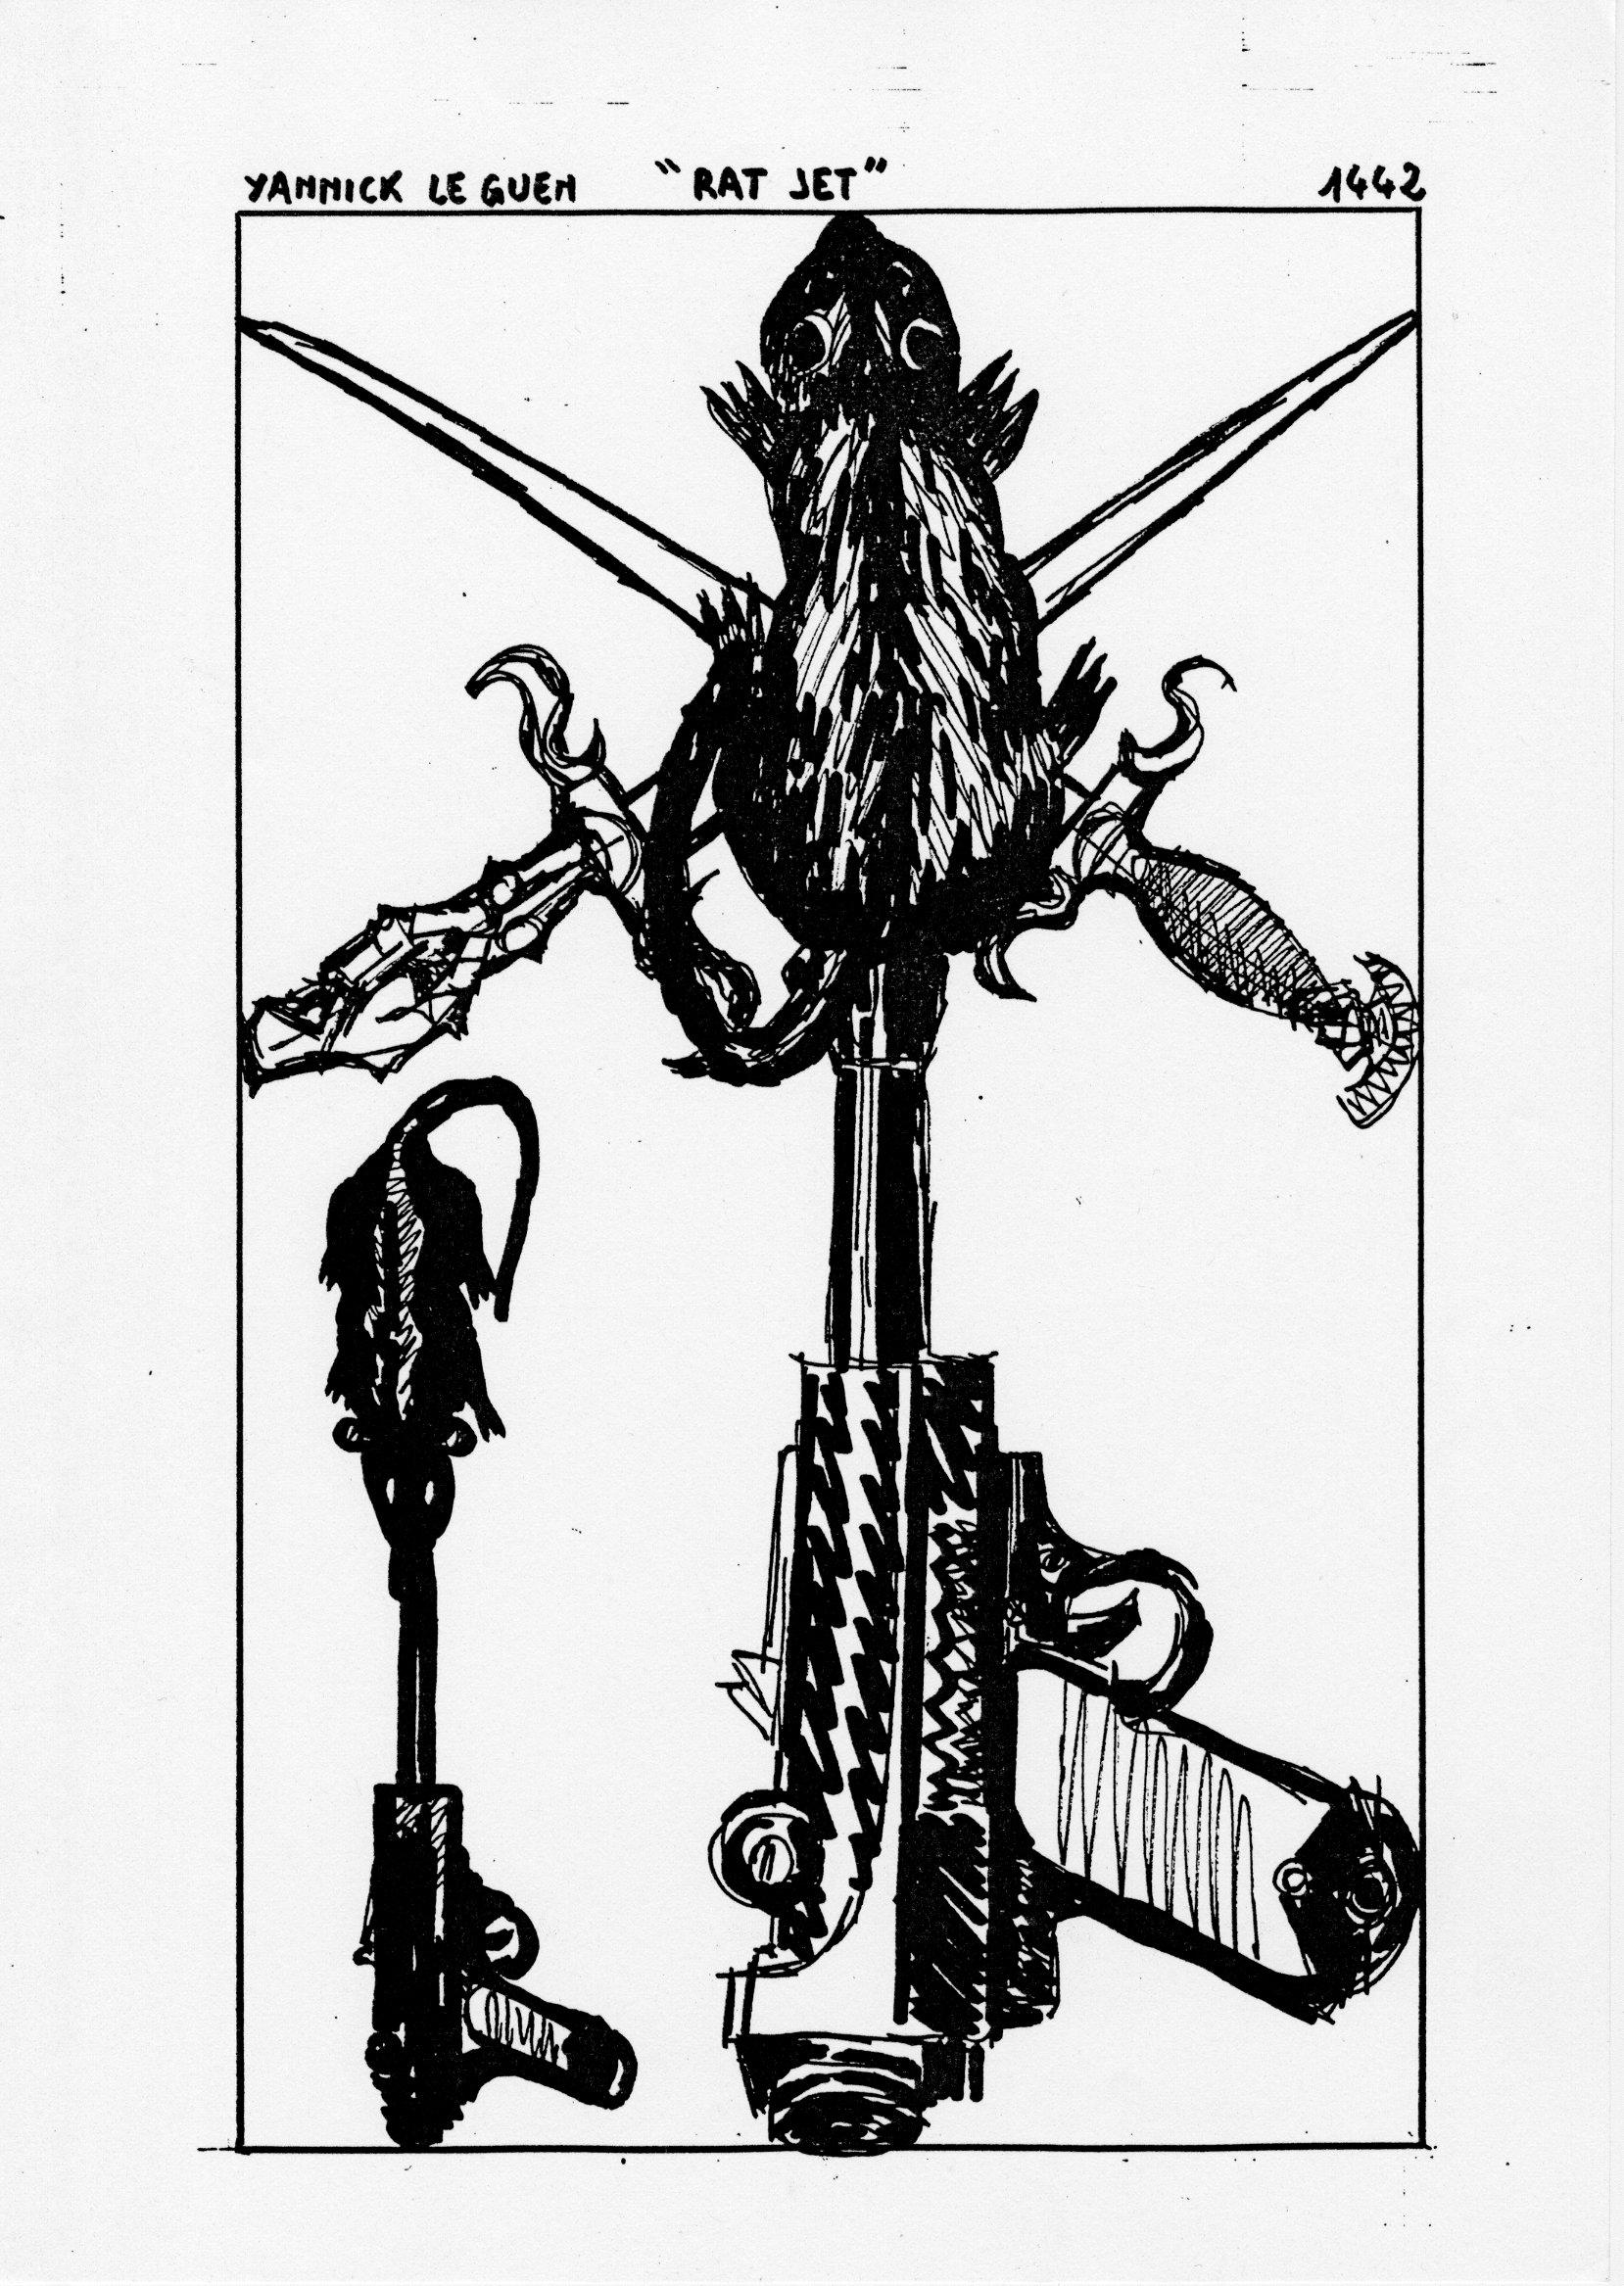 page 1442 Y. Leguen RAT JET